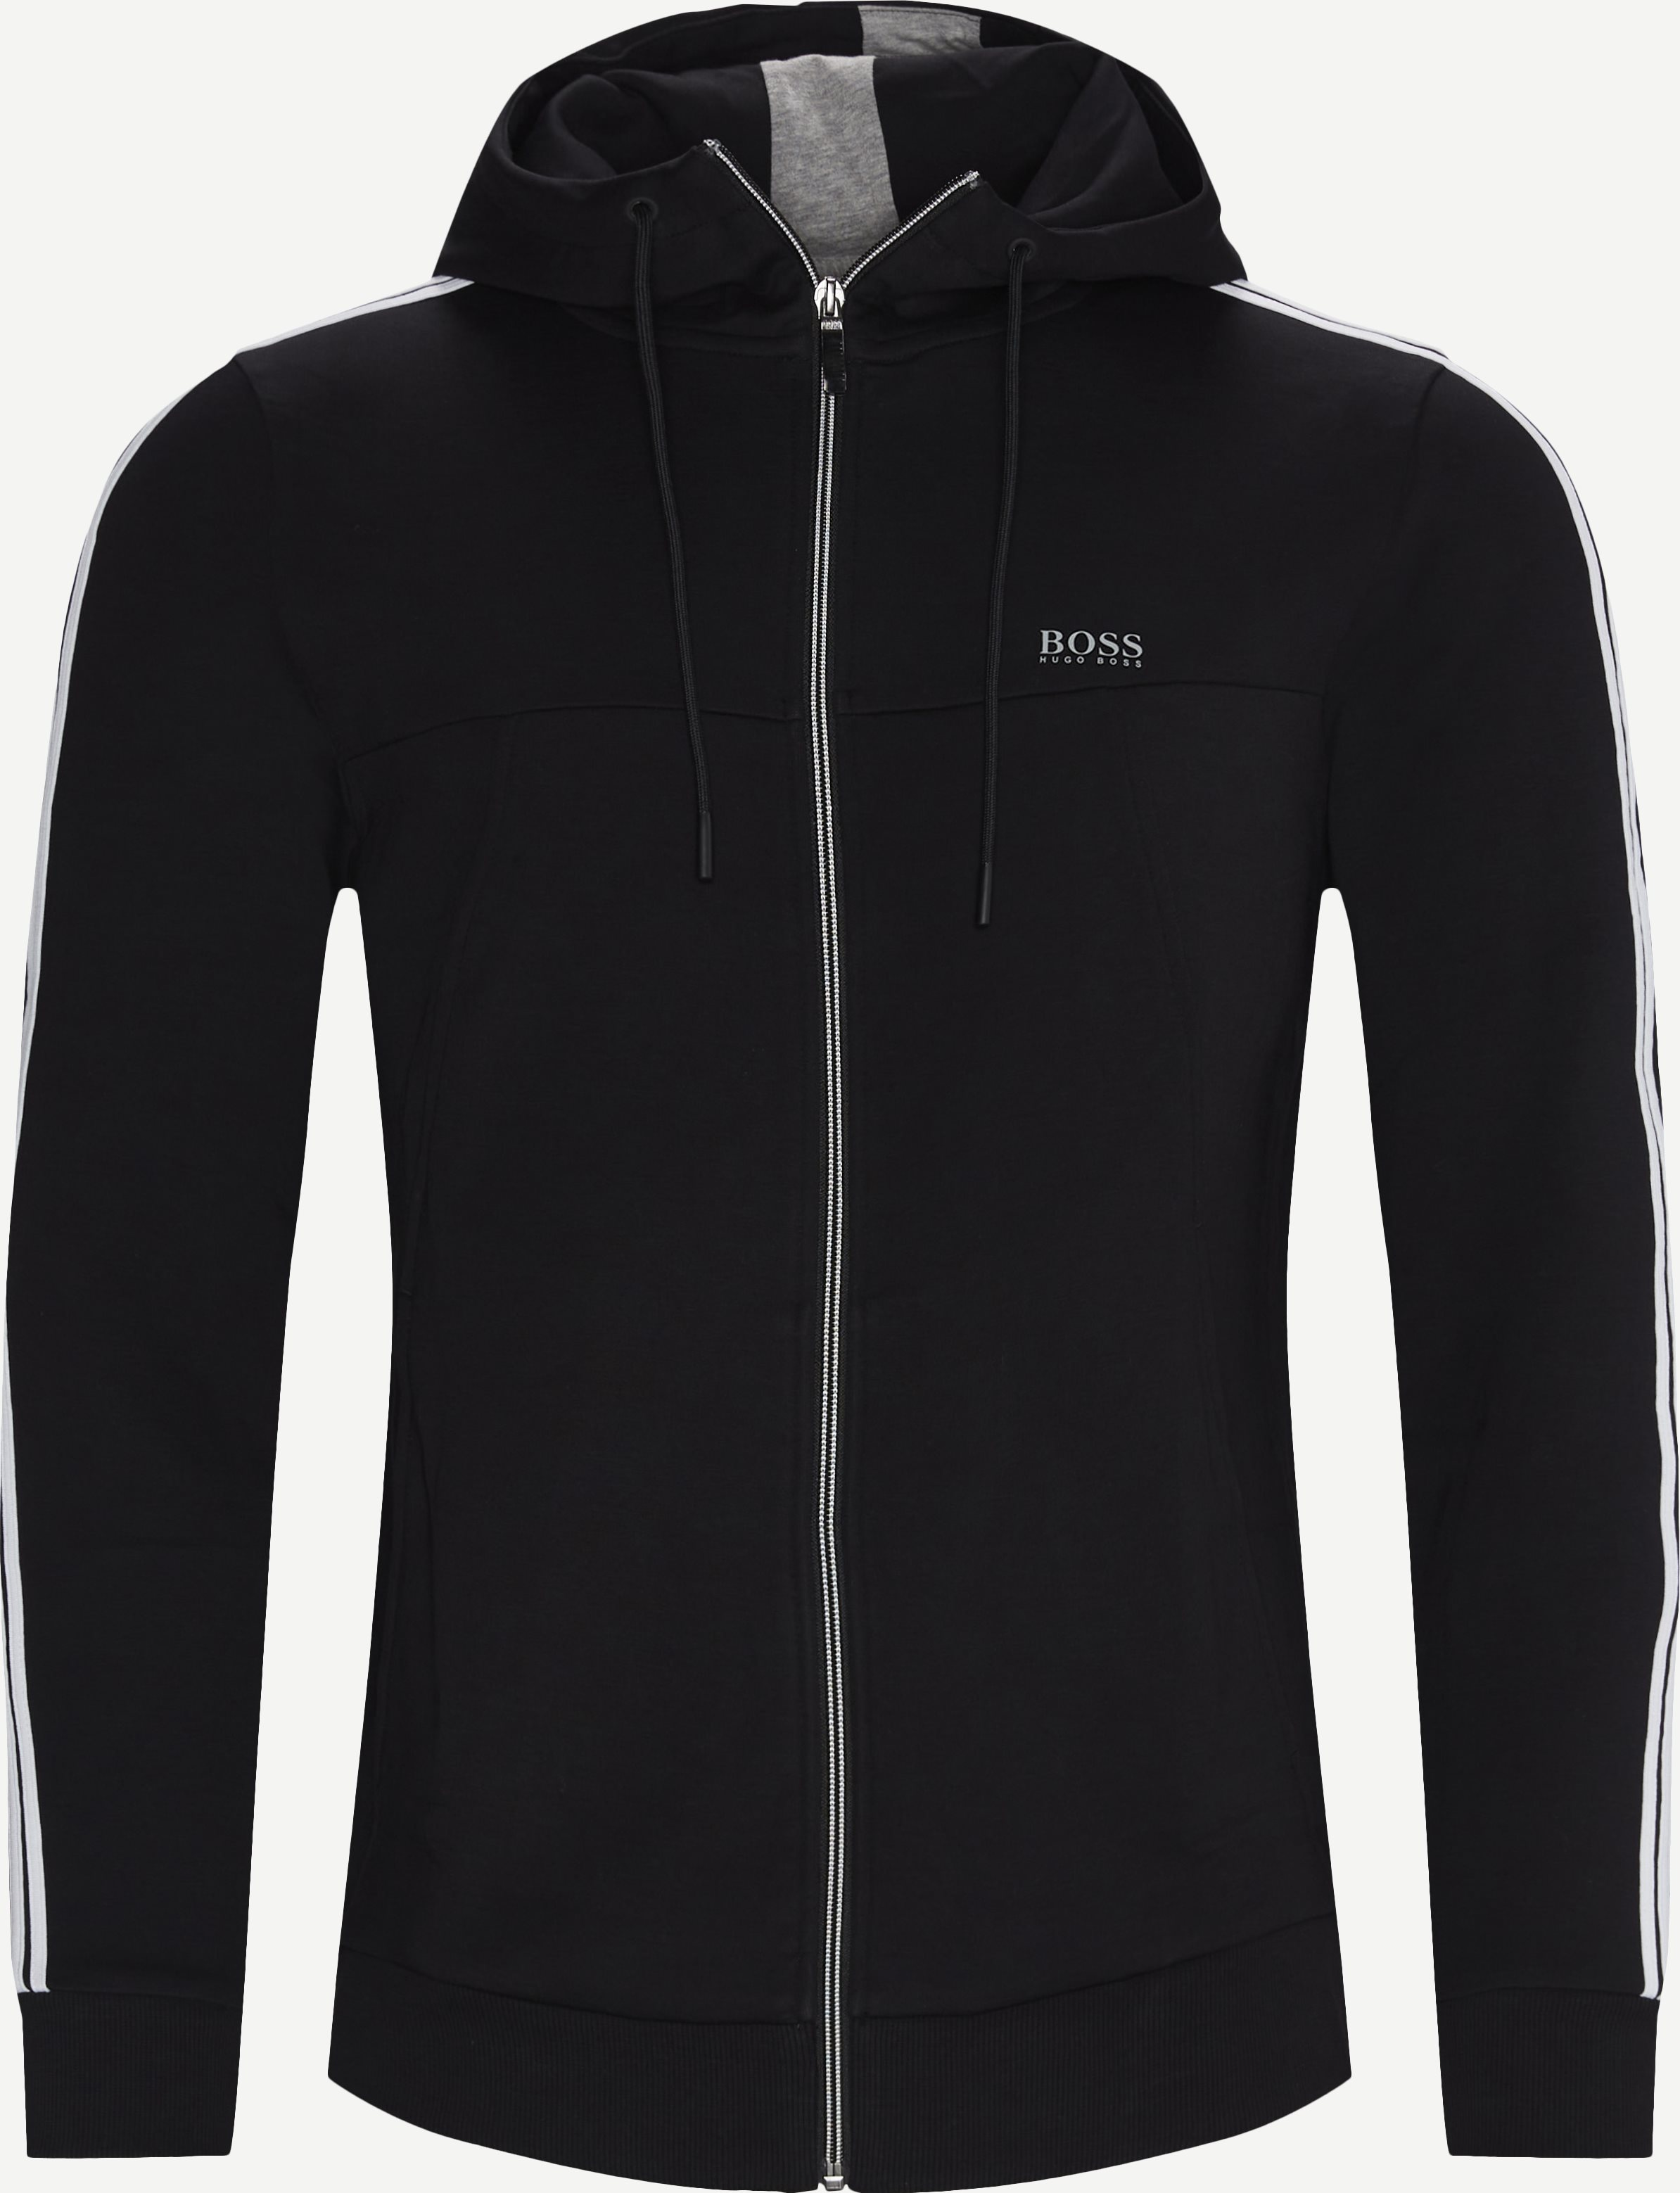 Tracksuit Set 2 Zip Sweatshirt - Sweatshirts - Regular - Svart